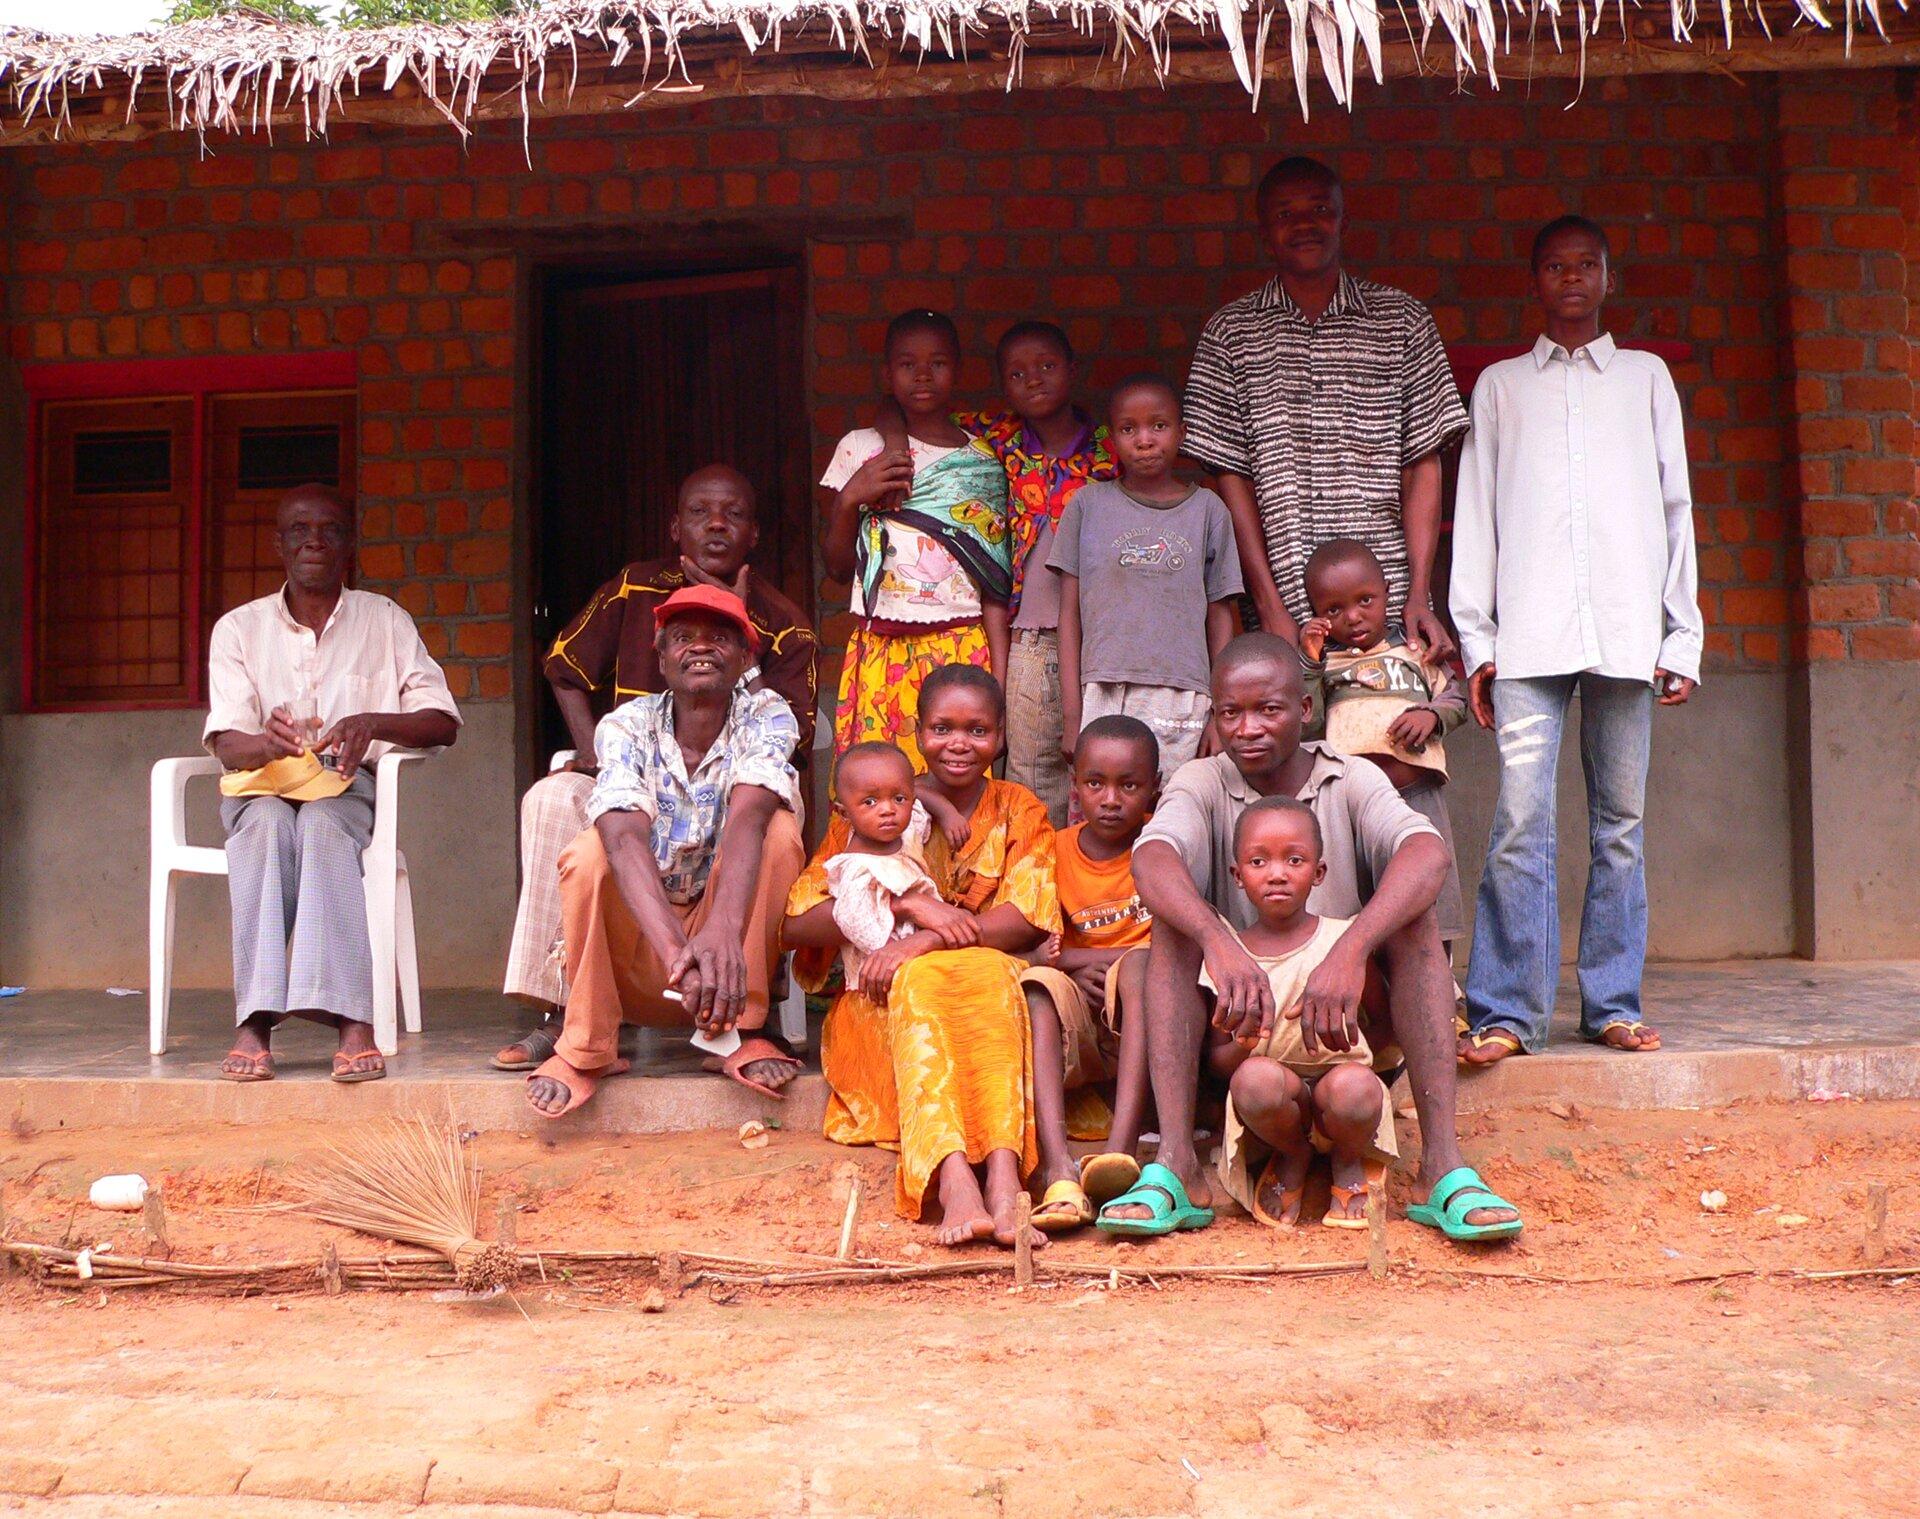 Współczesna rodzina zDemokratycznej Republiki Konga, 2007 Współczesna rodzina zDemokratycznej Republiki Konga, 2007 Źródło: Francis Hannaway, licencja: CC BY-SA 3.0.